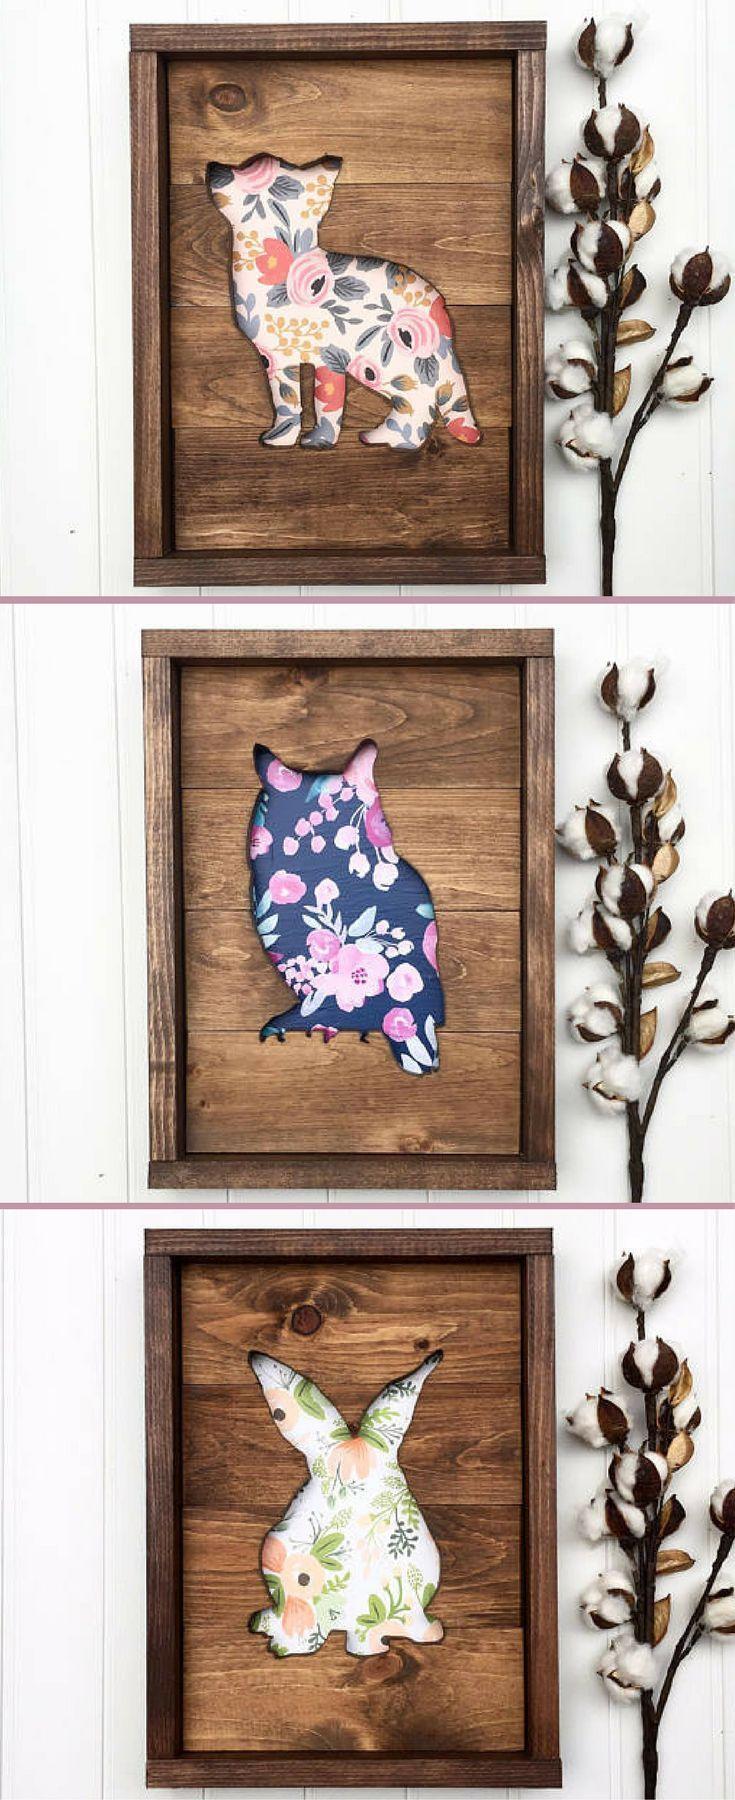 Wald Kinderzimmer Kunst, Fox Zeichen, Eule Zeichen, Bunny Zeichen … # Kinder … #WoodWorking